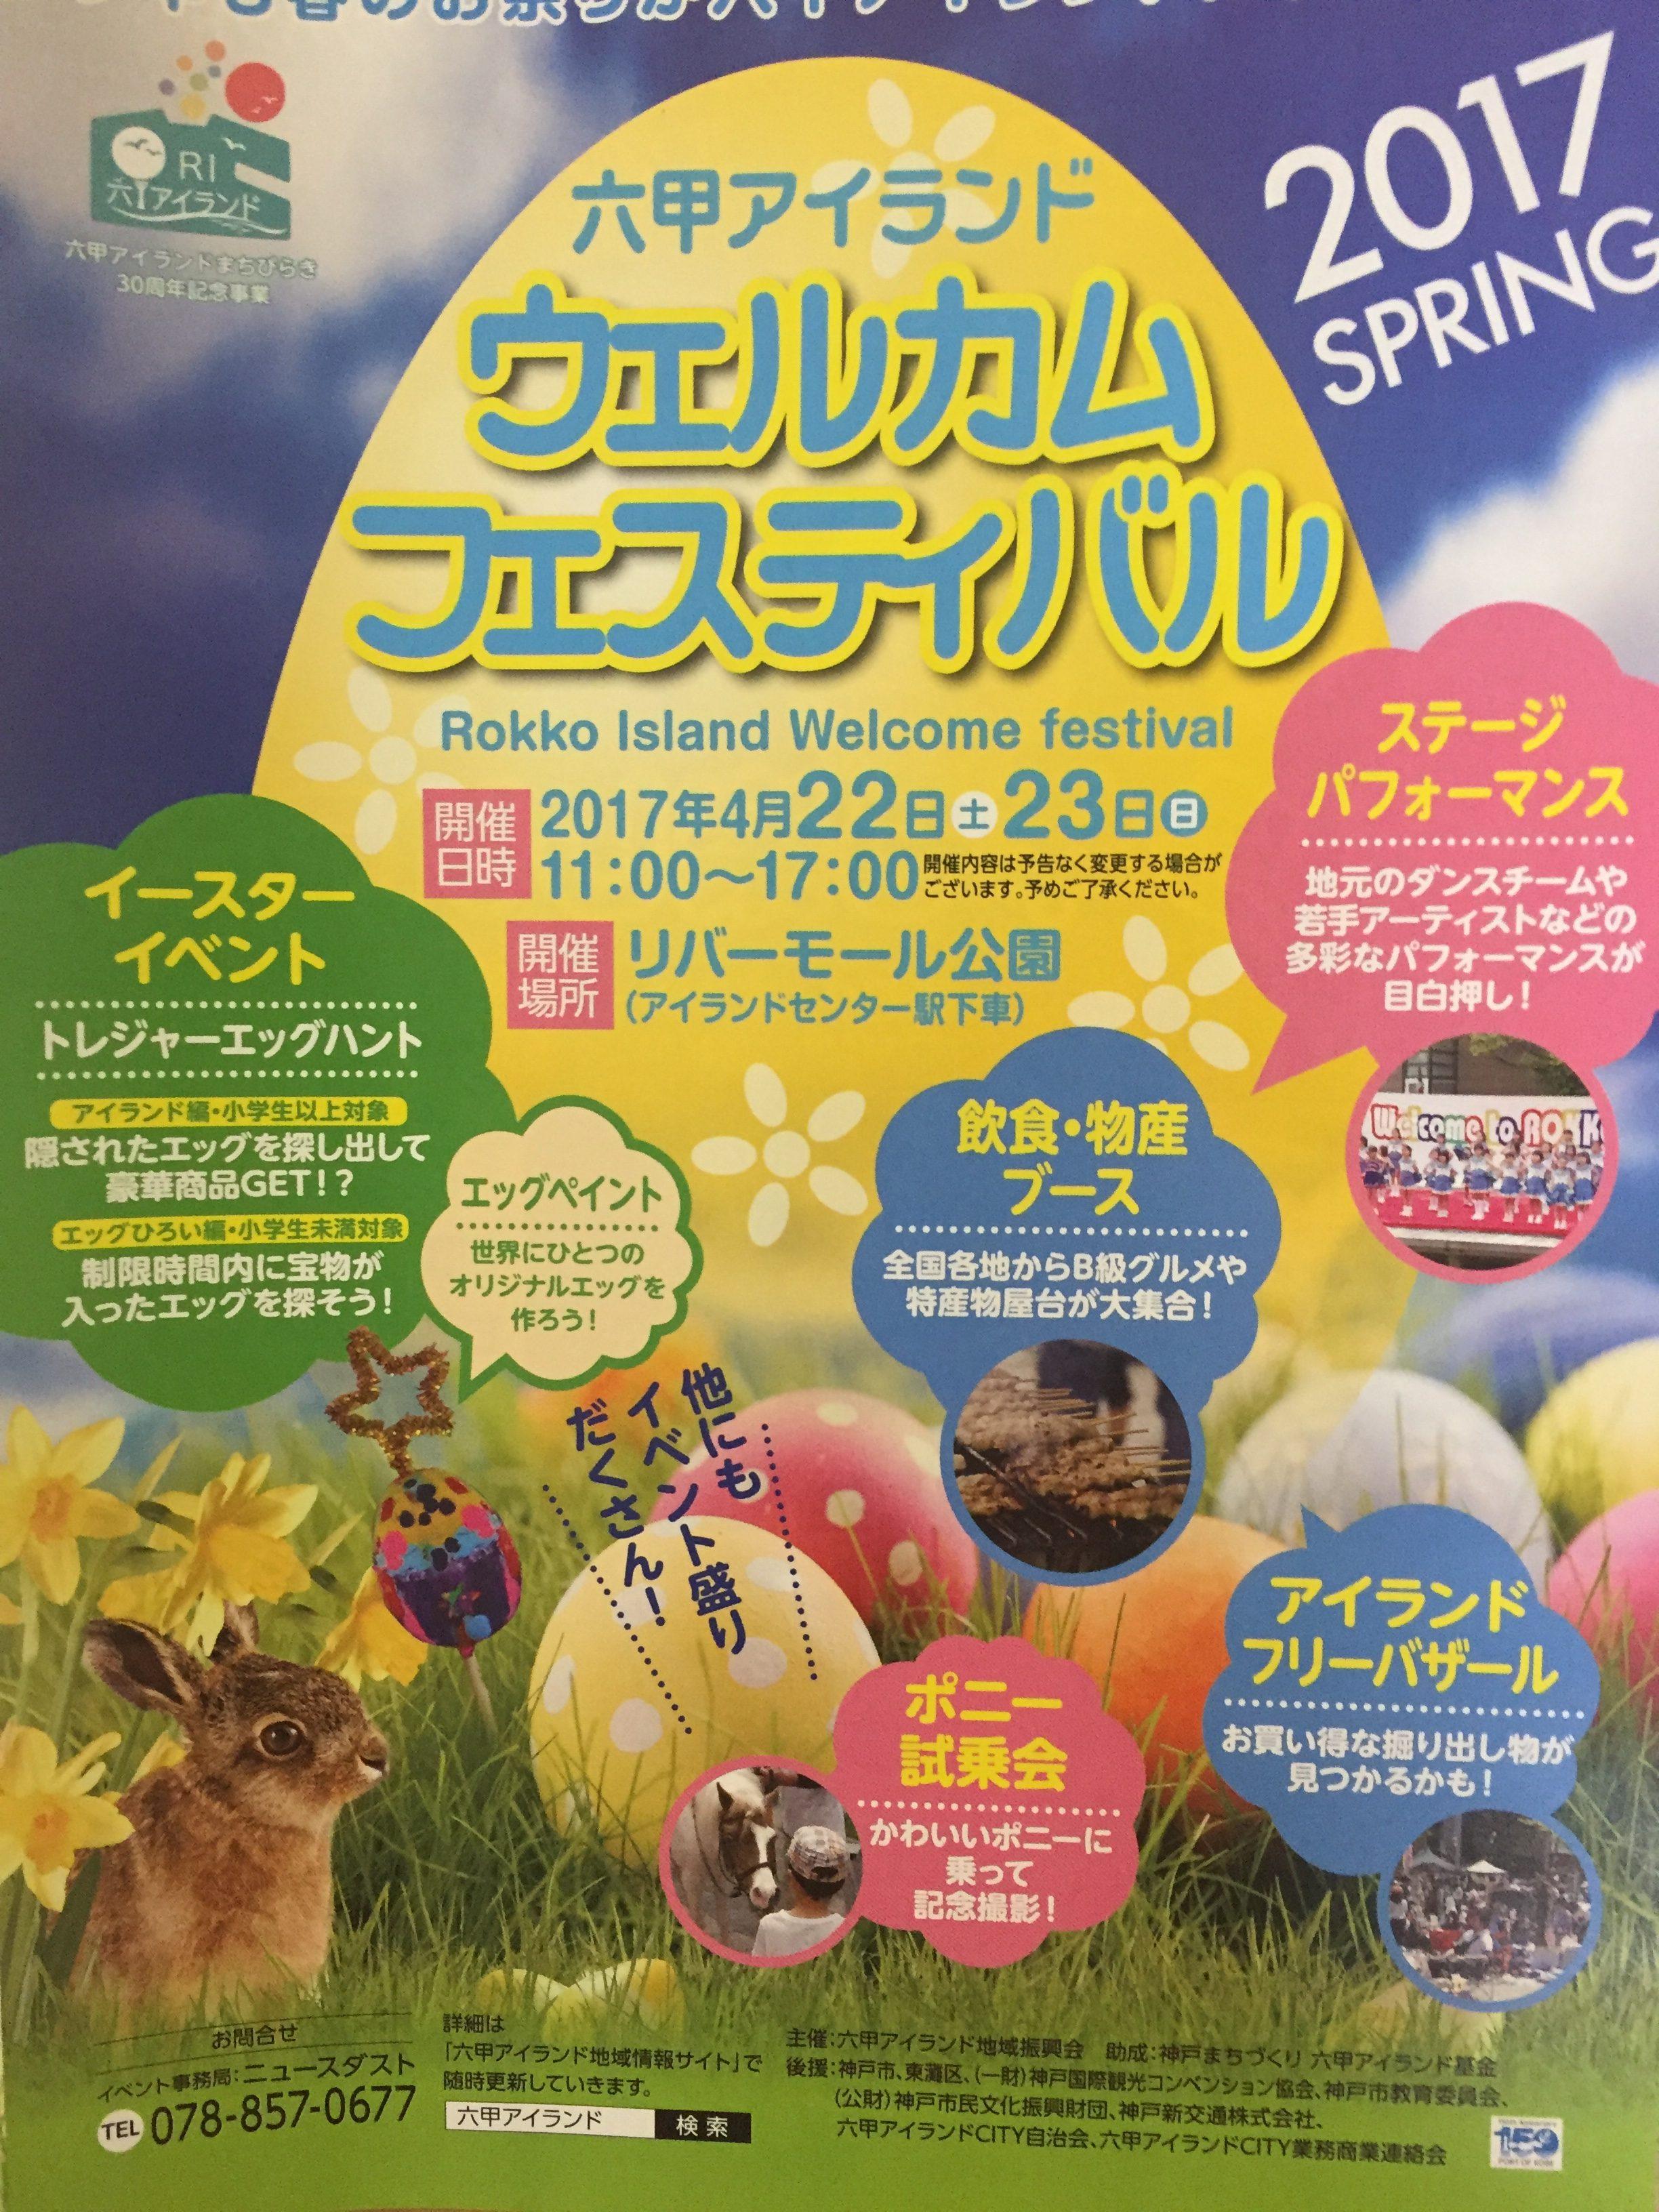 「六甲アイランドウェルカムフェスティバル2017」が今年も4/22・23に開催されるよ【※写真付イベント告知】